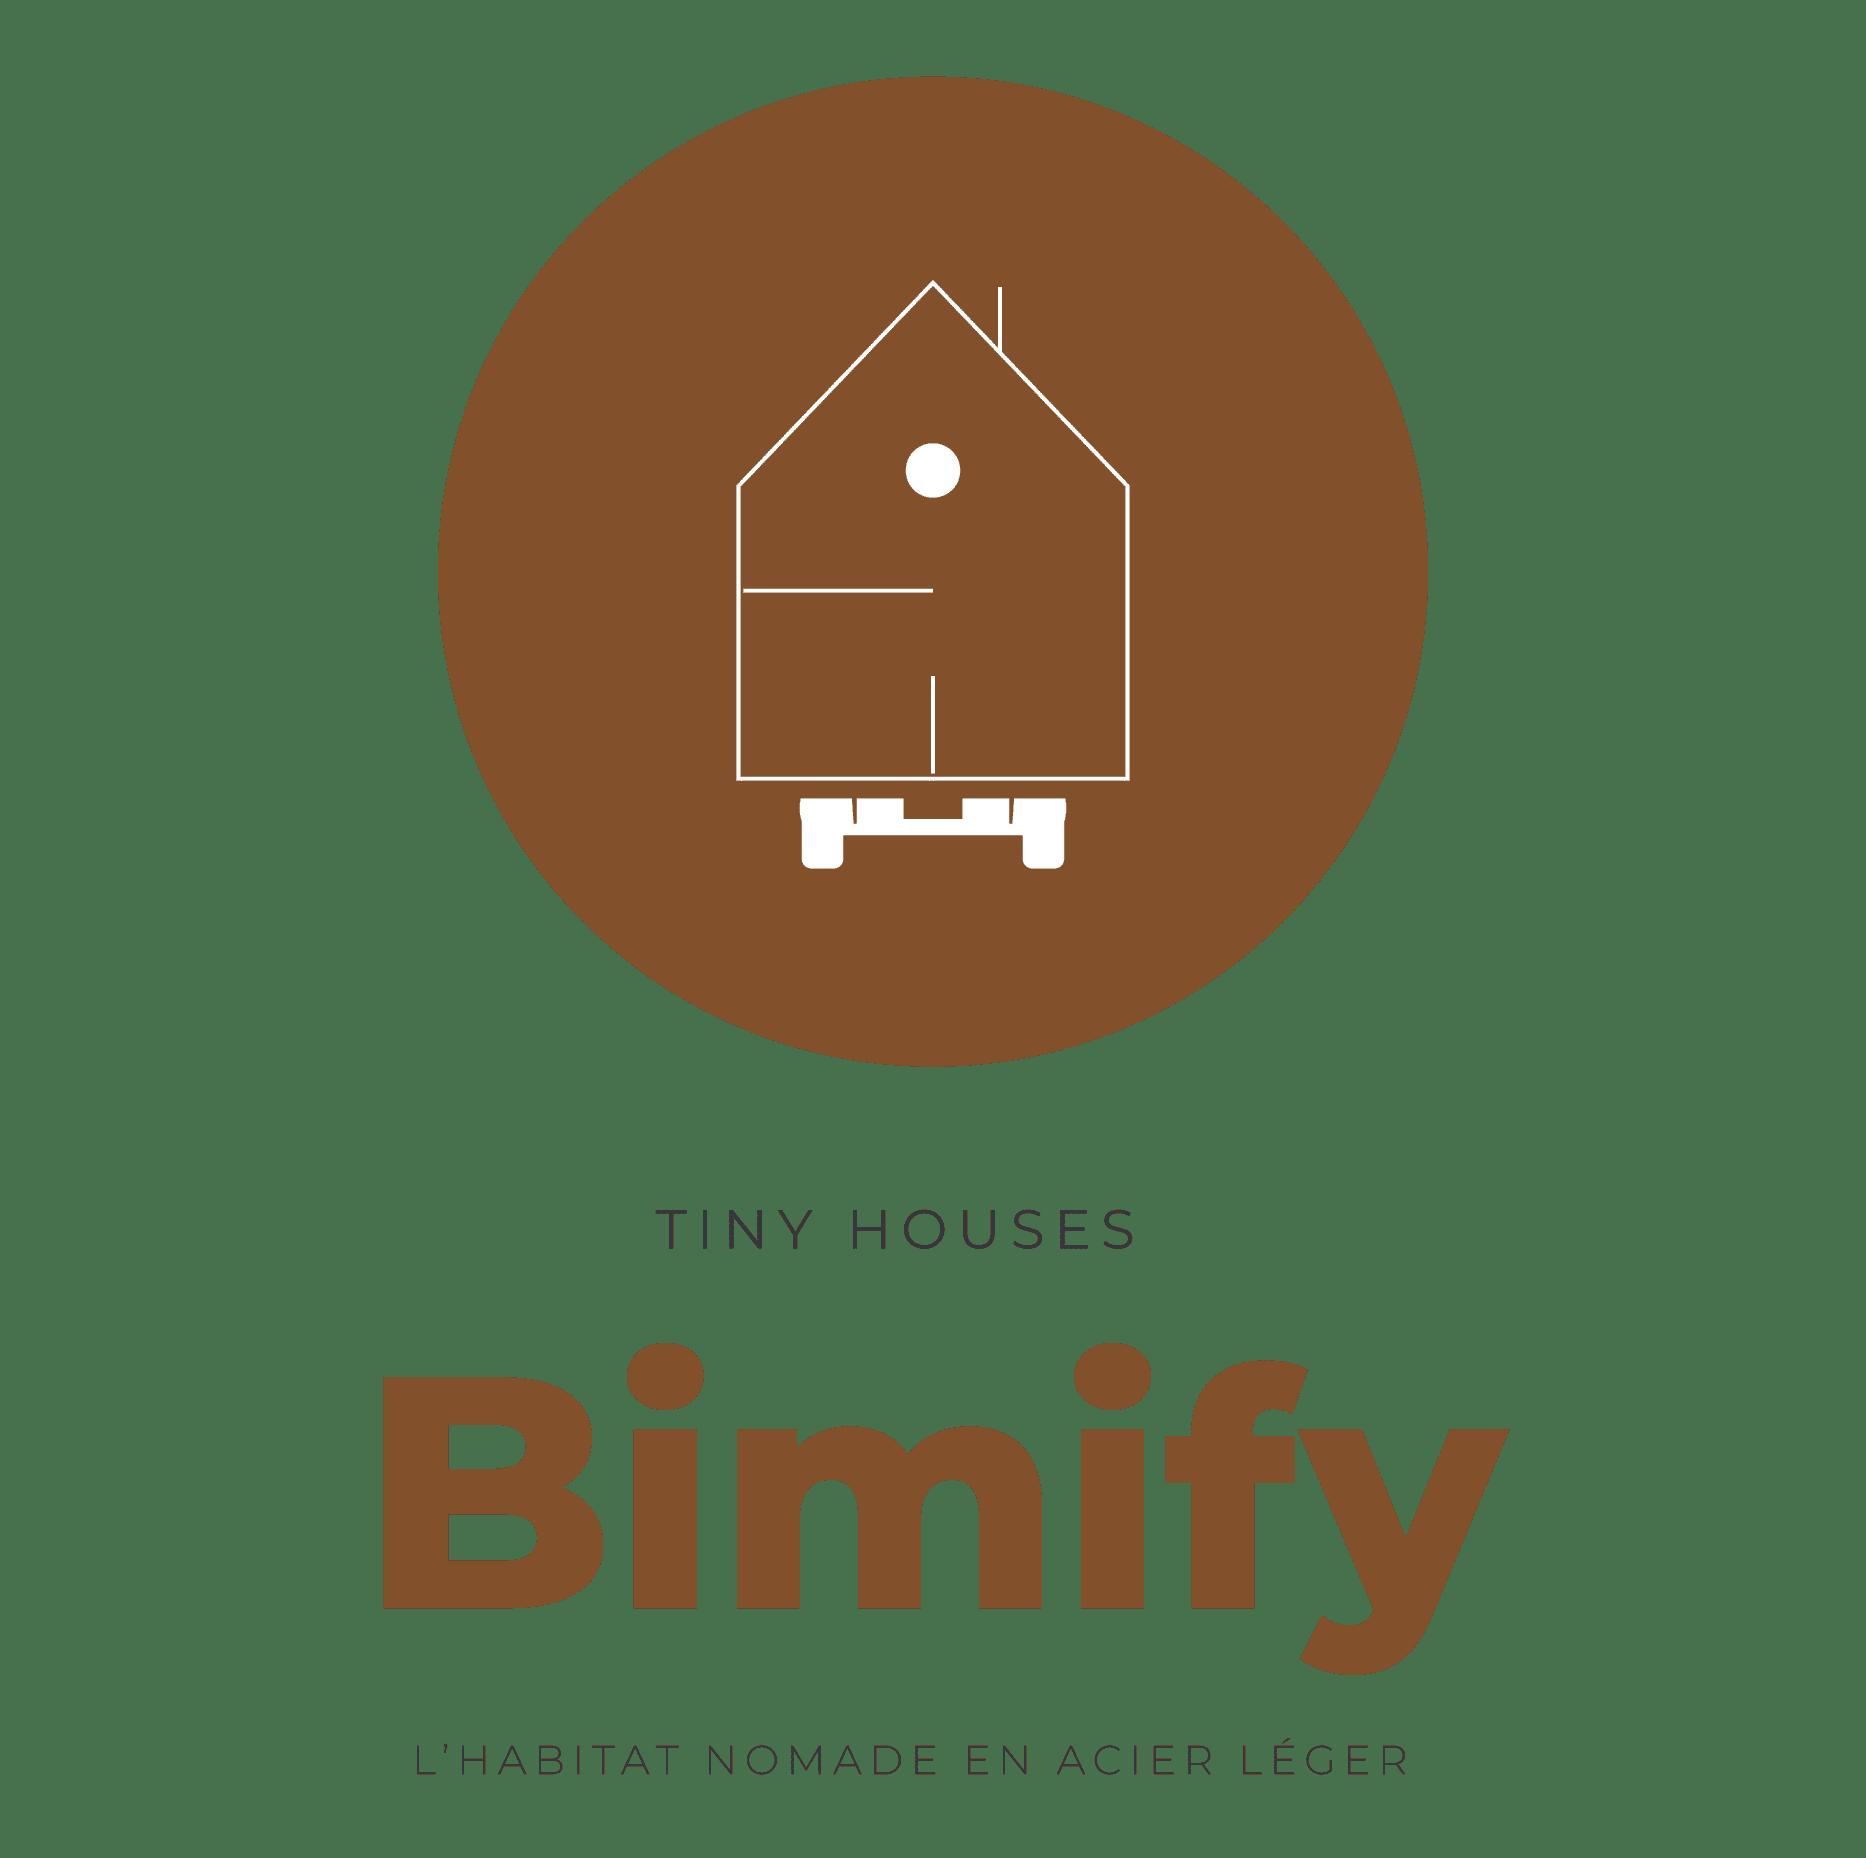 Kleine huis Bimify